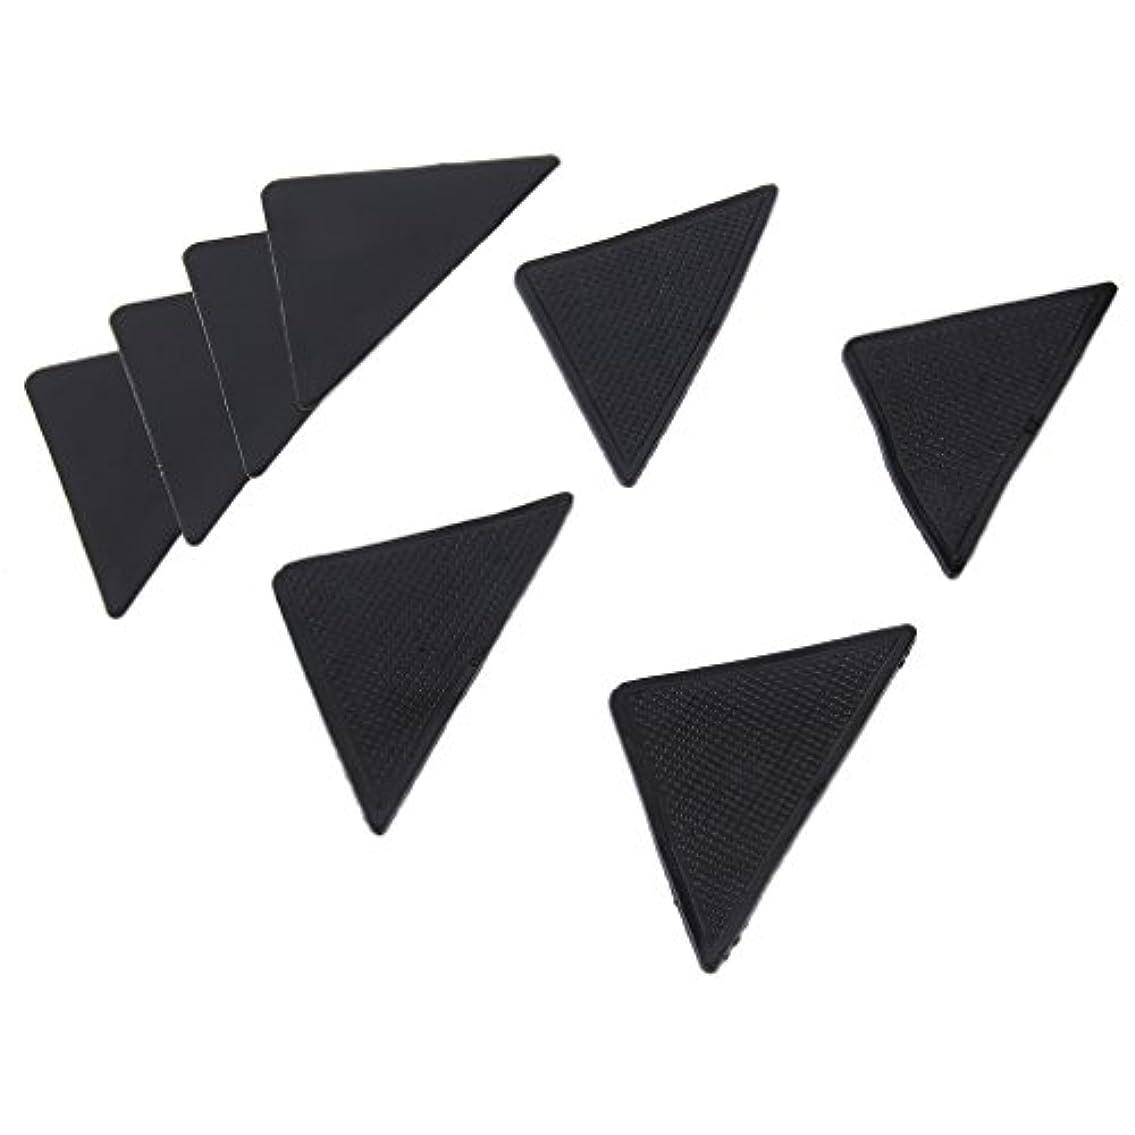 地元池実質的4 pcs Rug Carpet Mat Grippers Non Slip Anti Skid Reusable Silicone Grip Pads